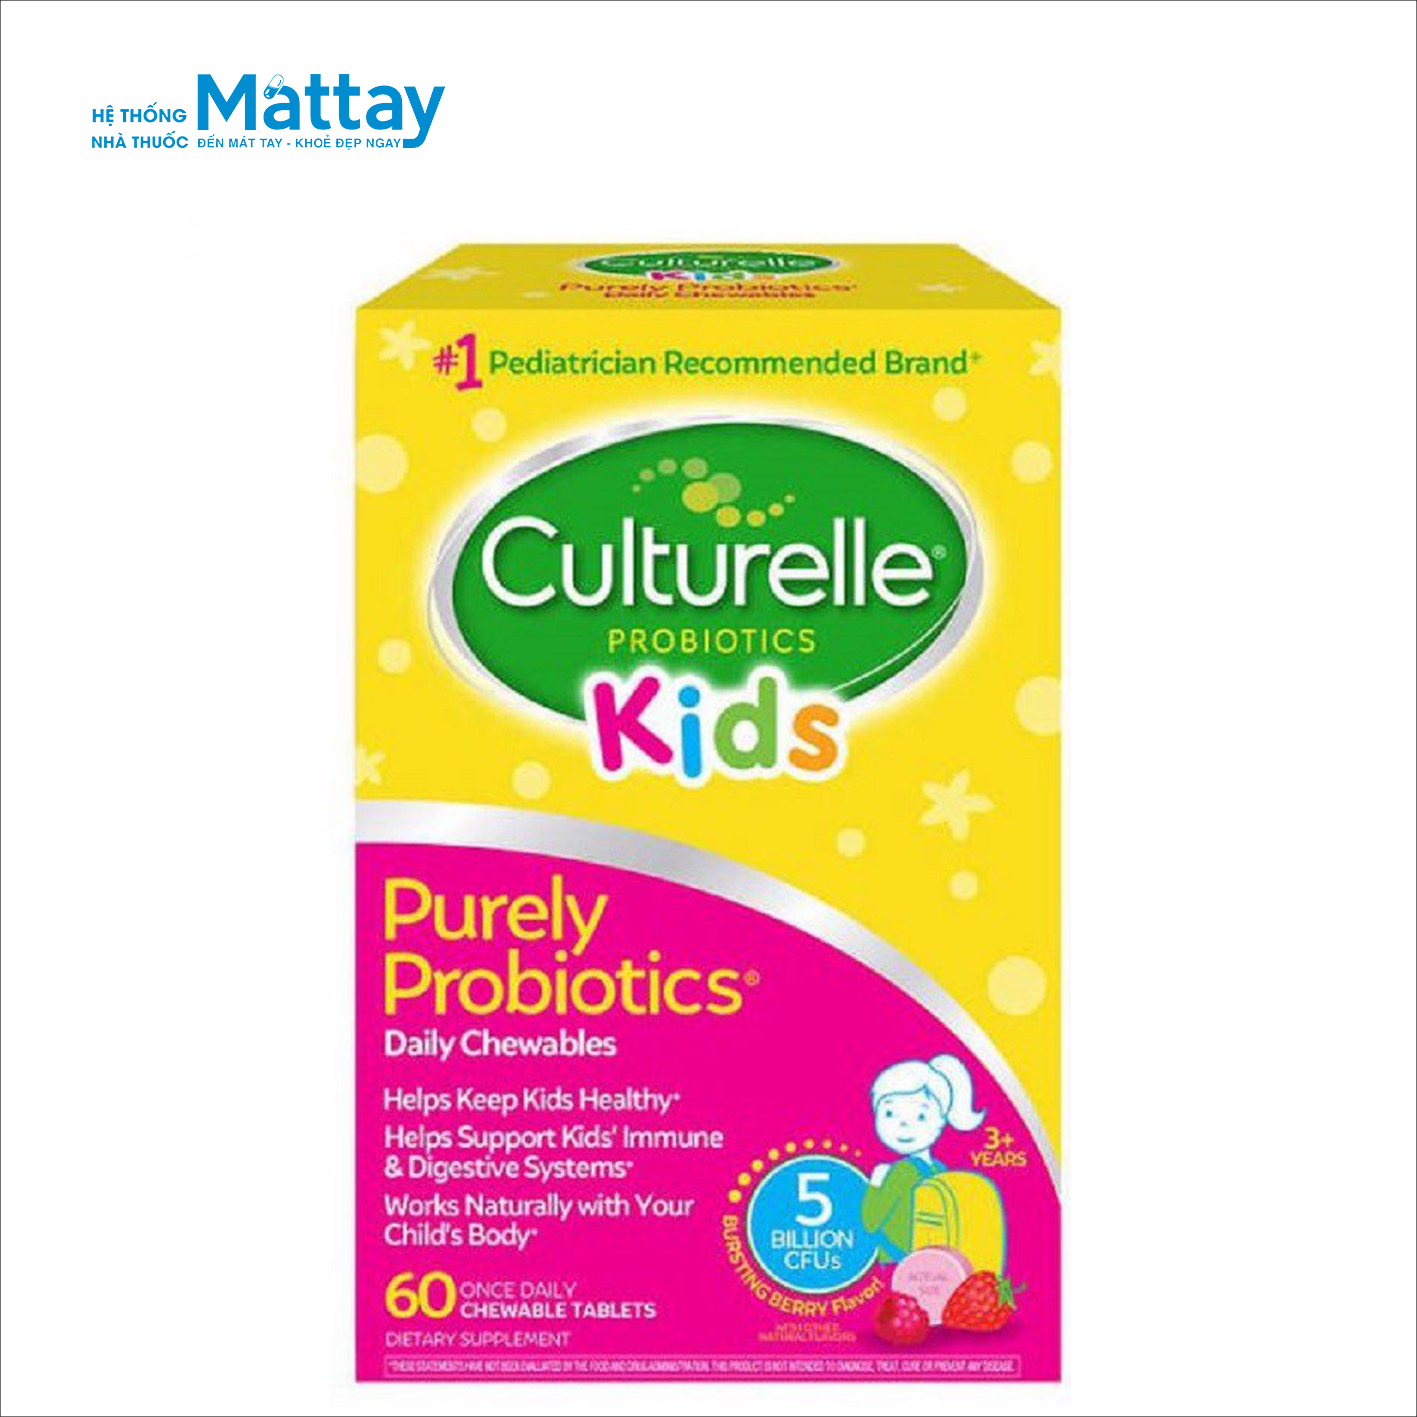 Culturelle Probiotics Daily Kids Packets – Men vi sinh giúp cân bằng đường ruột, giúp bé ăn ngon hơn